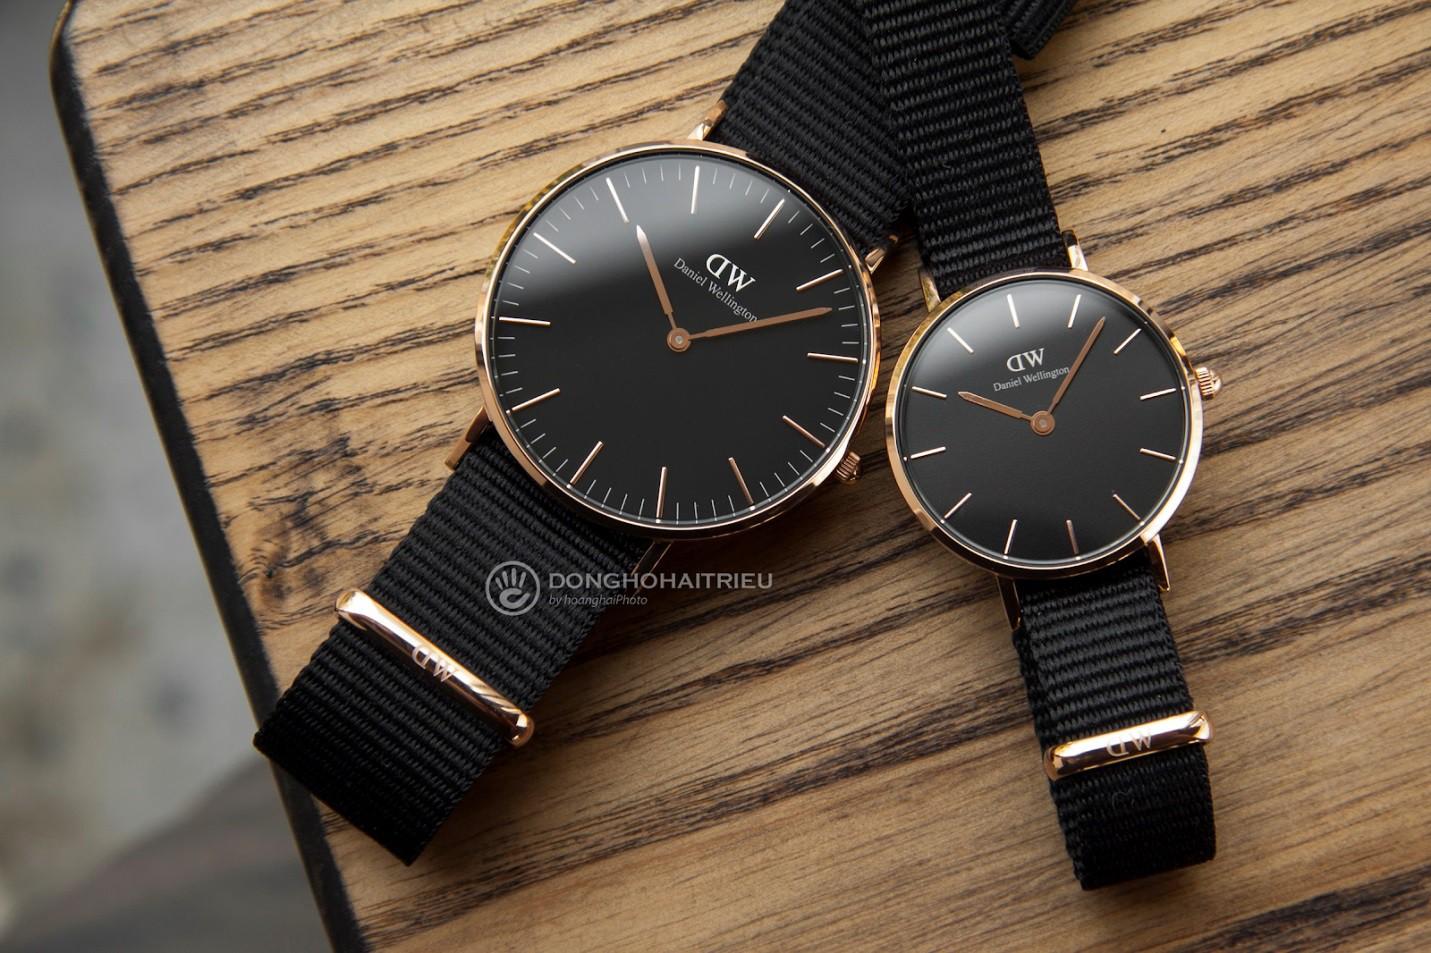 10 lựa chọn đồng hồ DW cặp giá rẻ ngày Valentine - Ảnh 1.